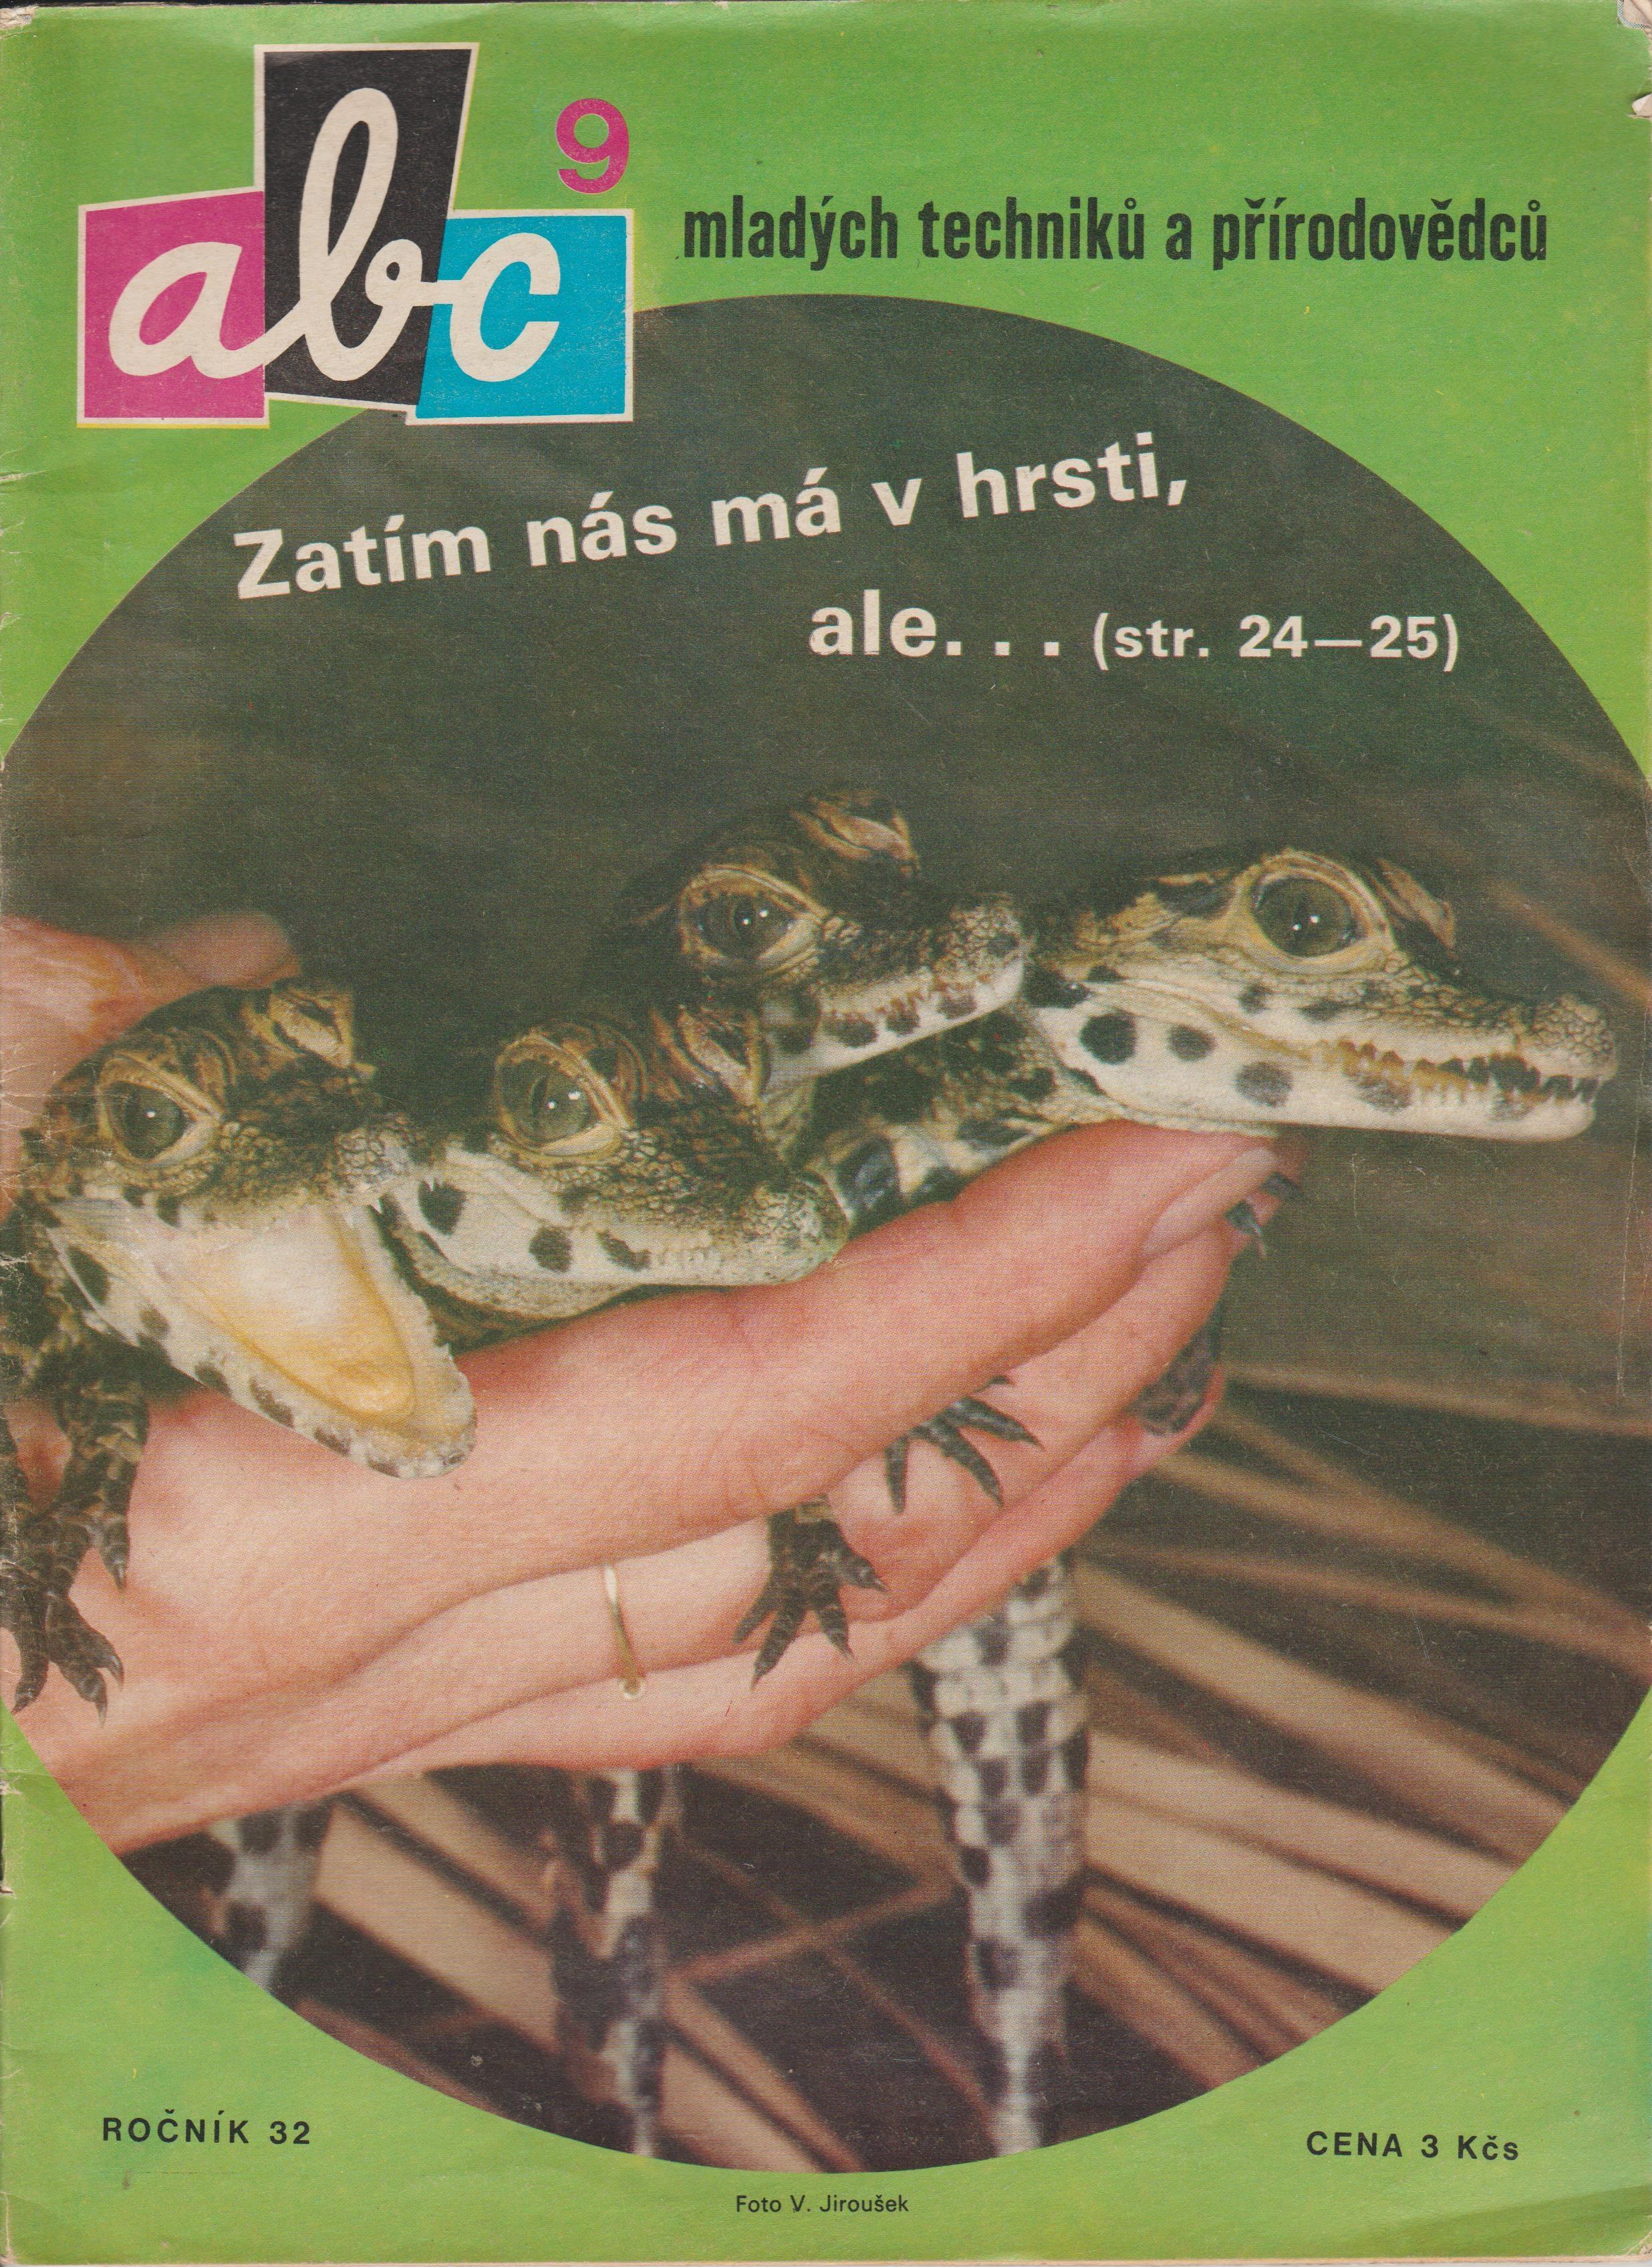 ABC časopis mladých techniků a přírodovědců - 31. ročník/21. číslo